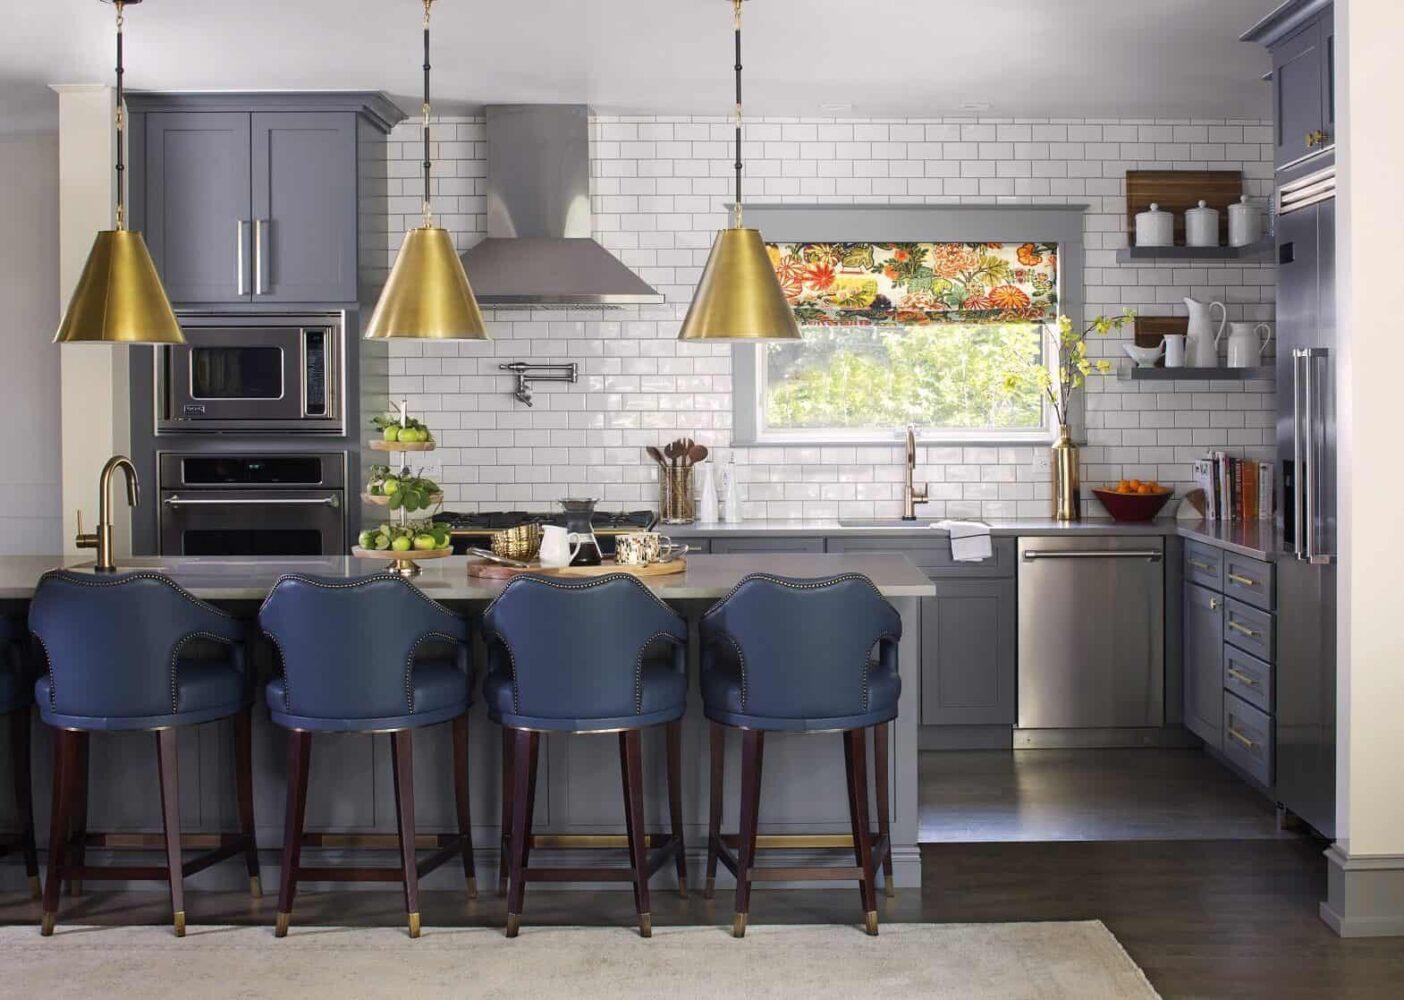 Fairfax - Castle Rock Duet Design Group Colorado v2